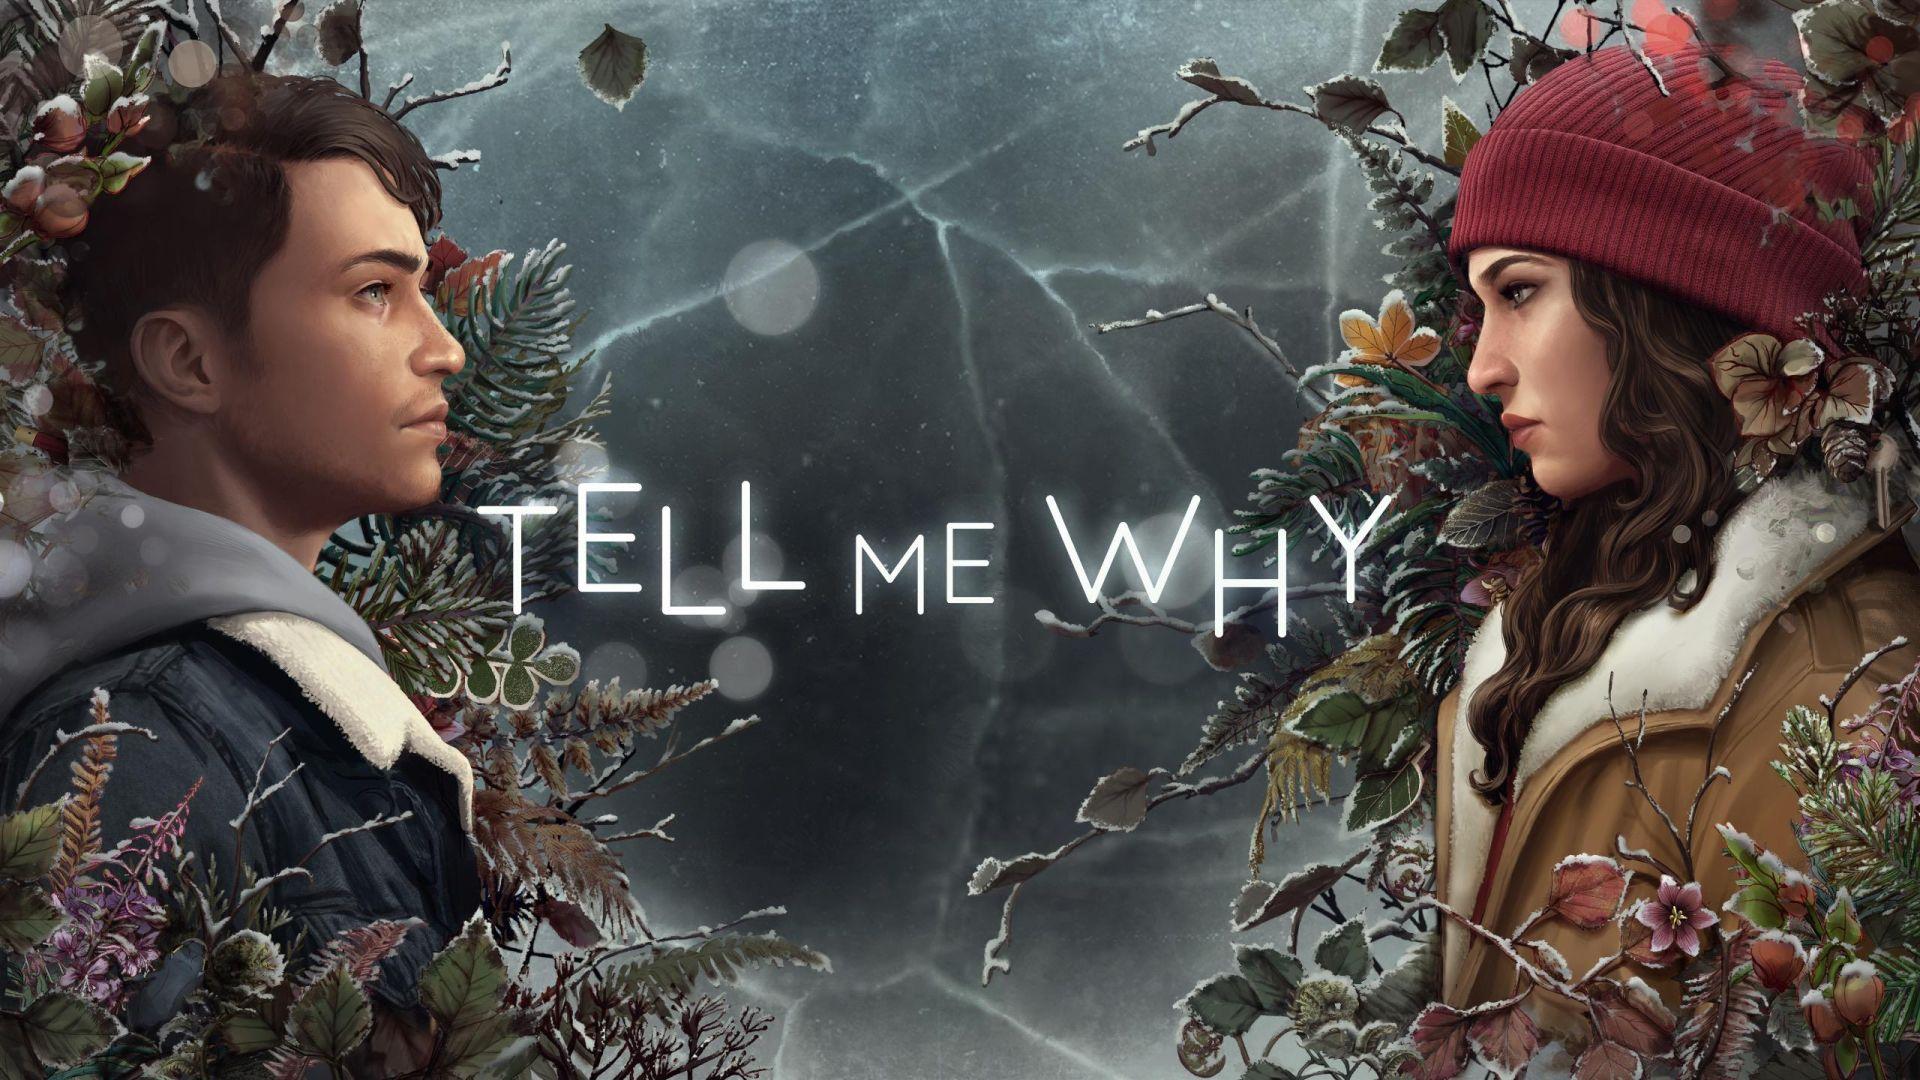 Tell Me Why — интерактивное кино с трансгендером в главной роли